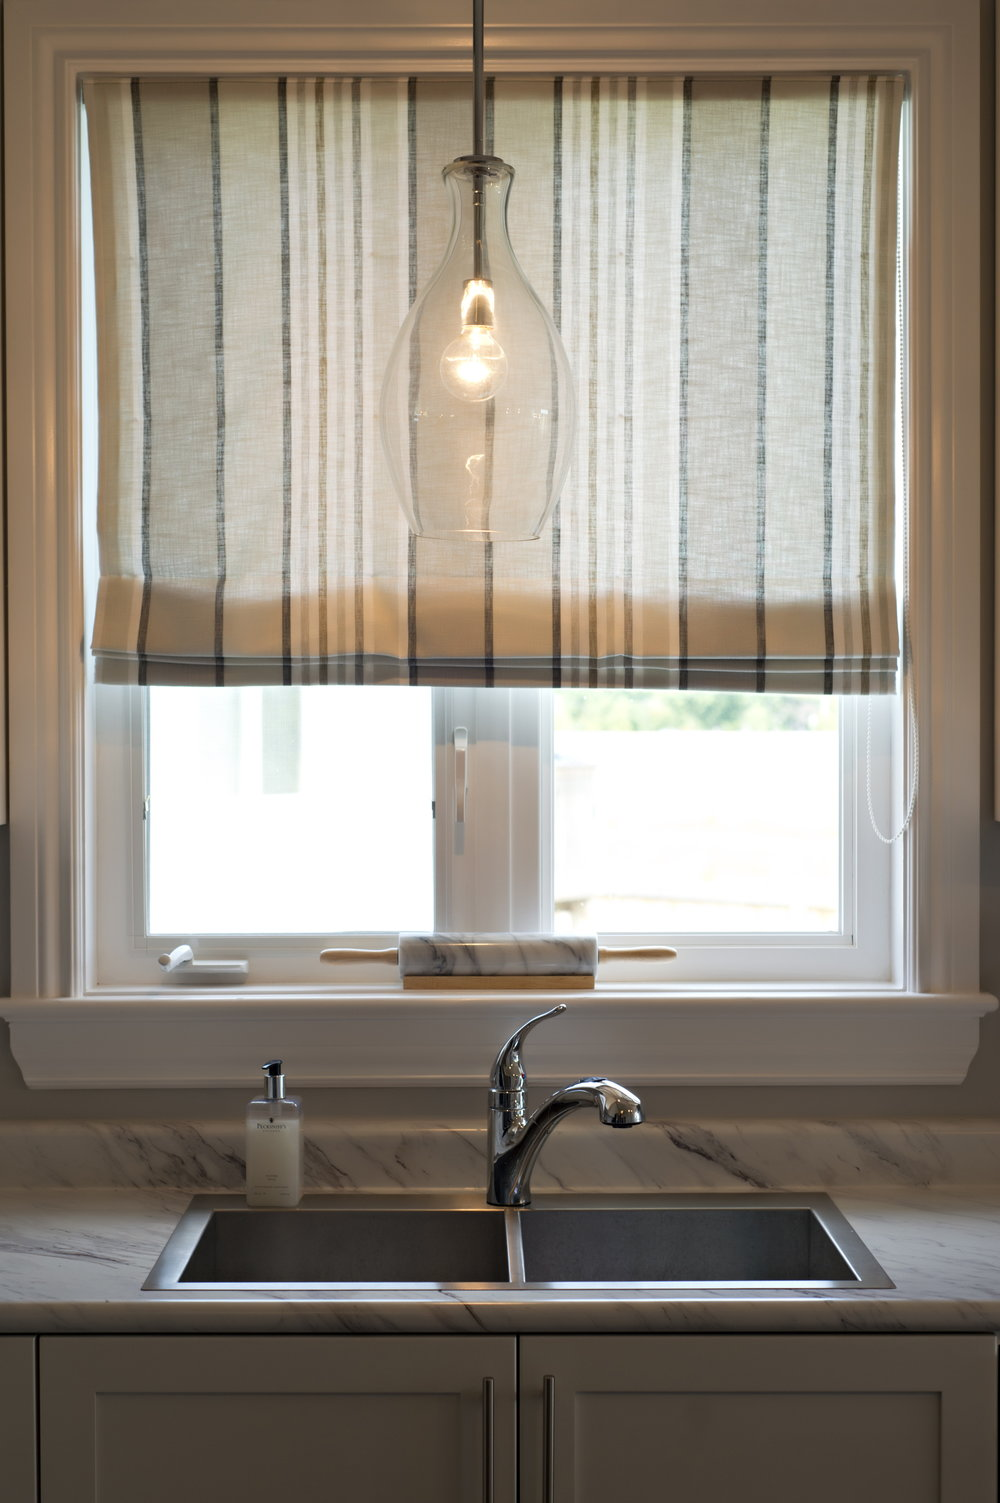 Interior-Design-Kitchen-Sink-Drapery